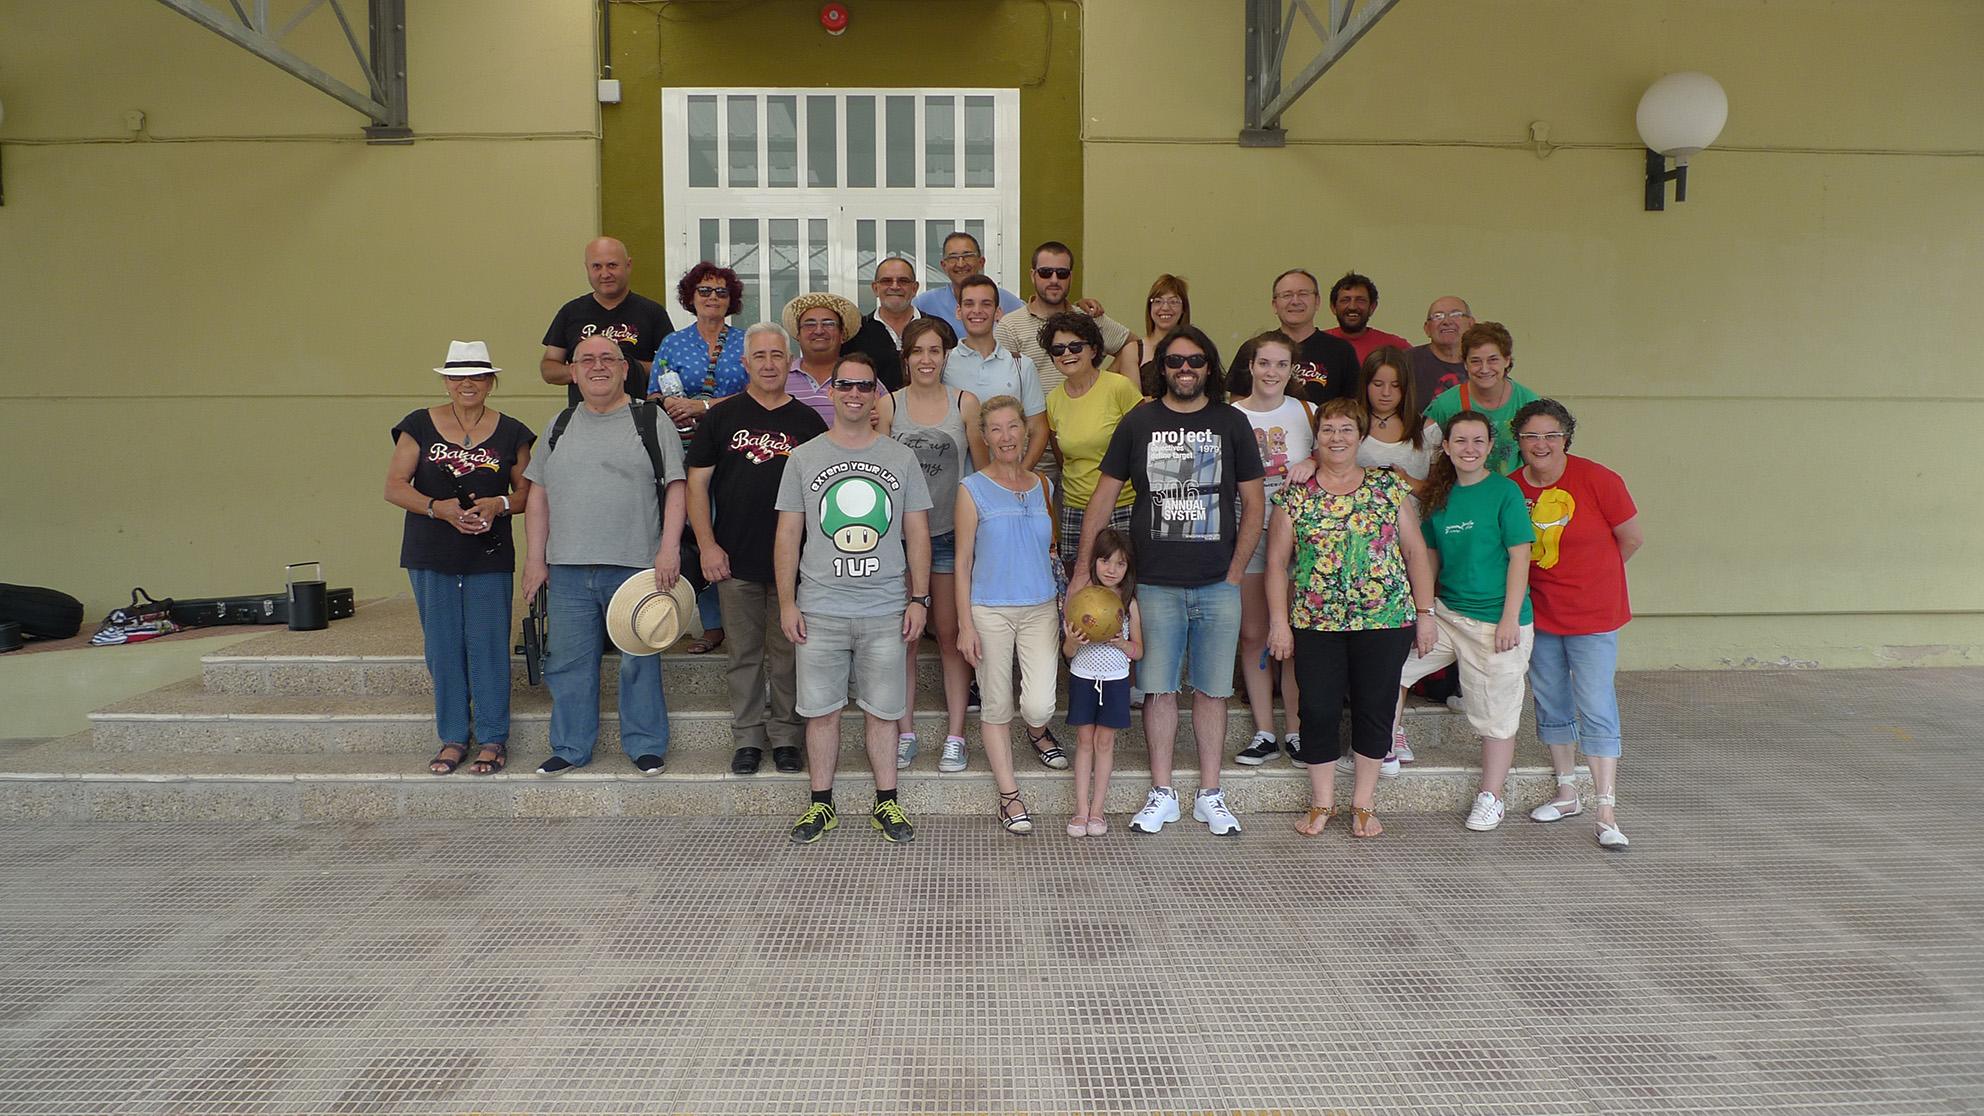 2014-07-06 R.Baladre a Festes de Denia (10)